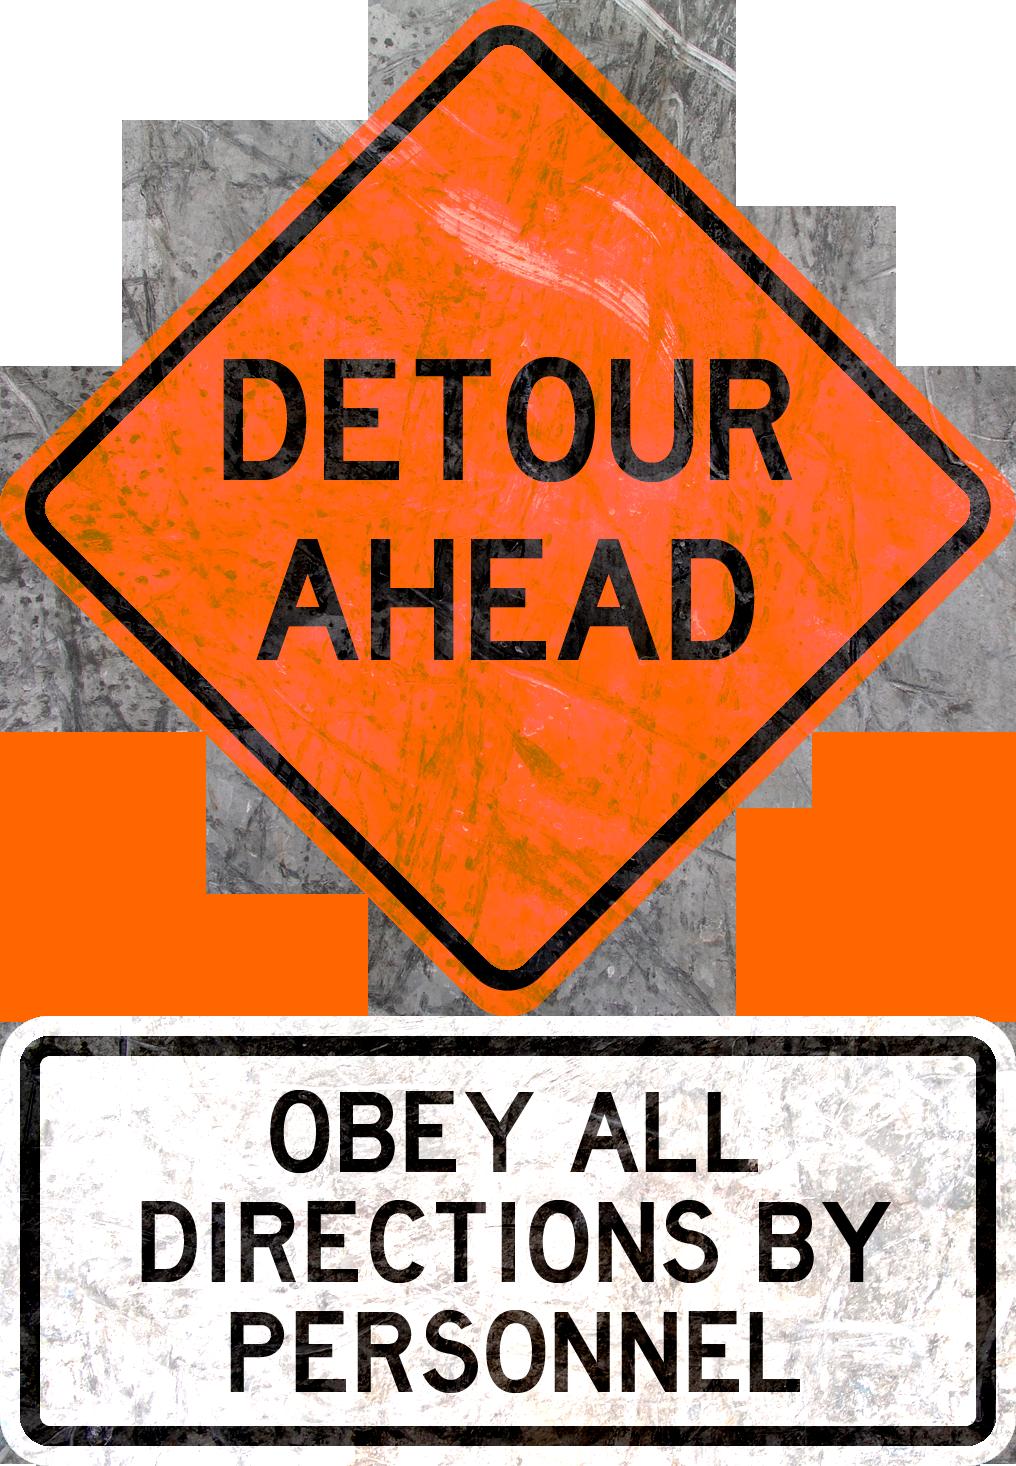 Detour Ahead by MouseDenton